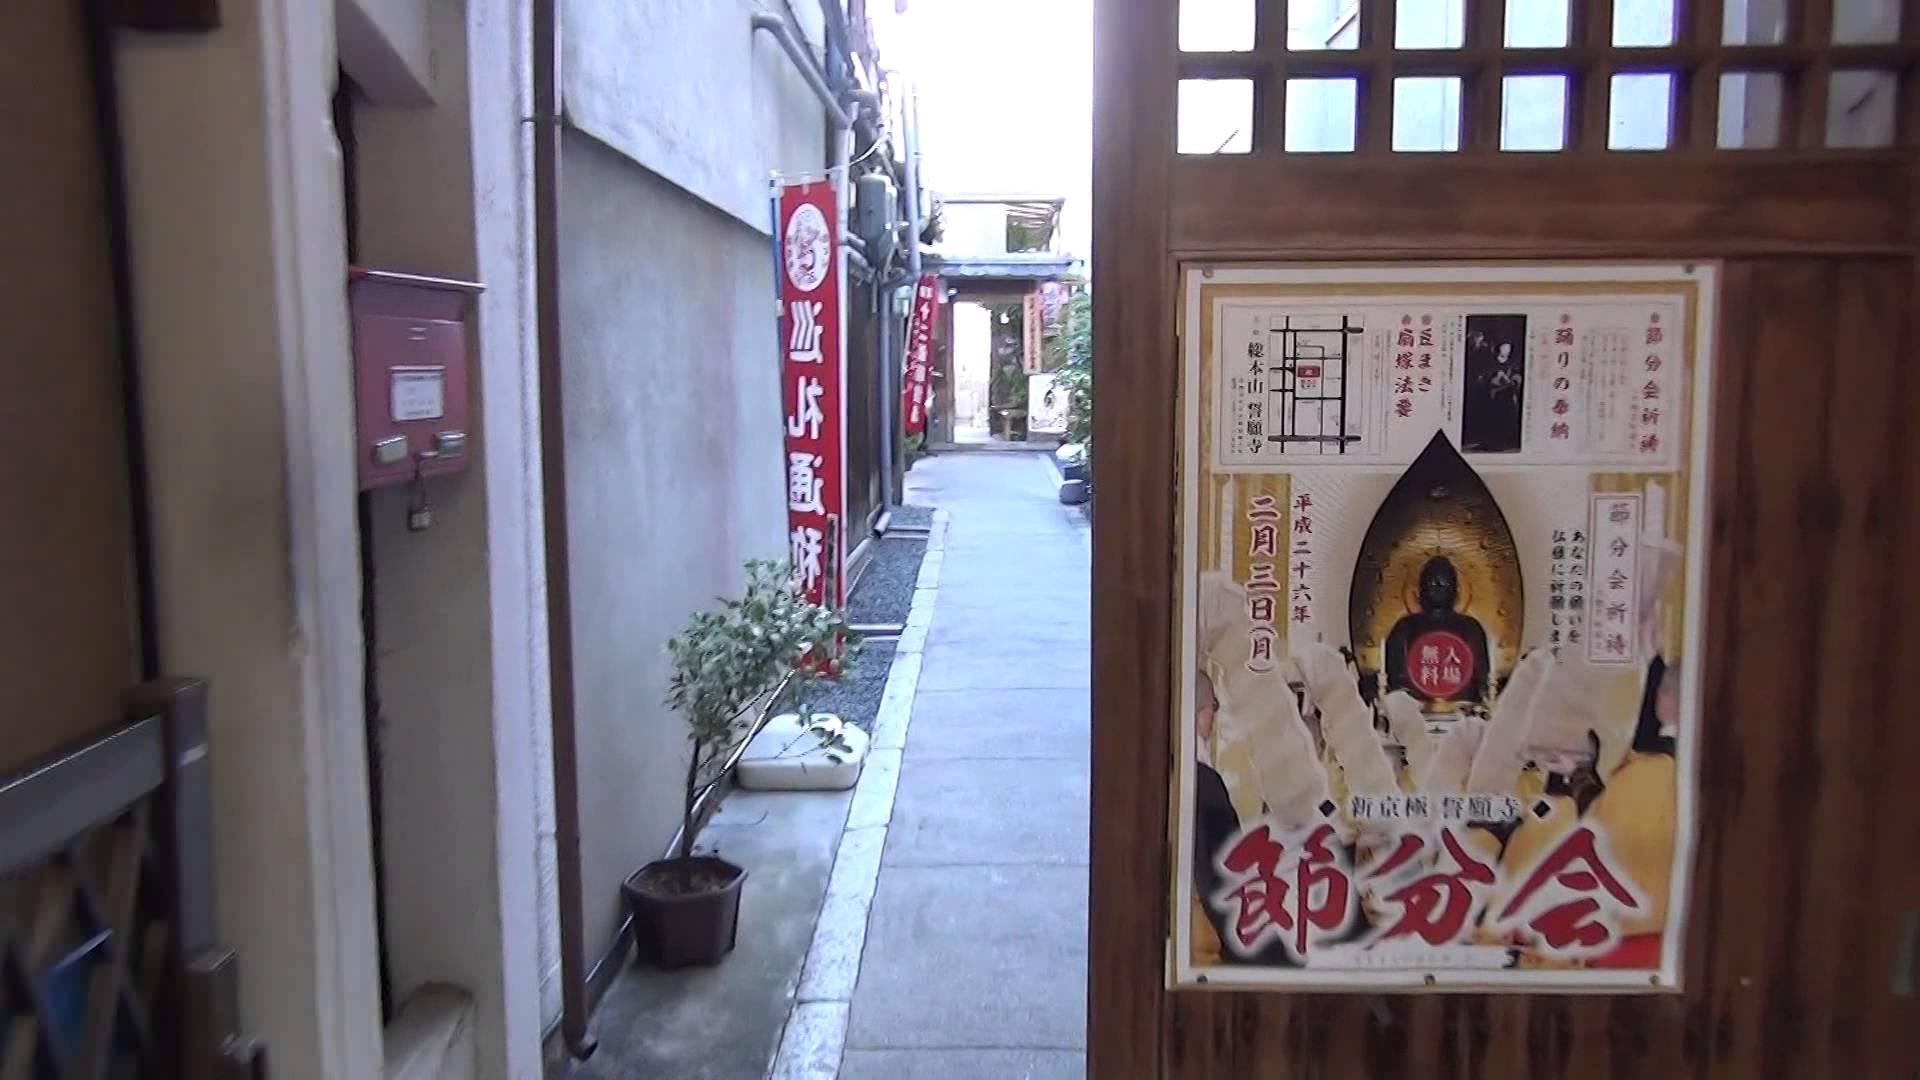 新京極商店街の神社仏閣を全部まわろう編05 西光寺 寅薬師